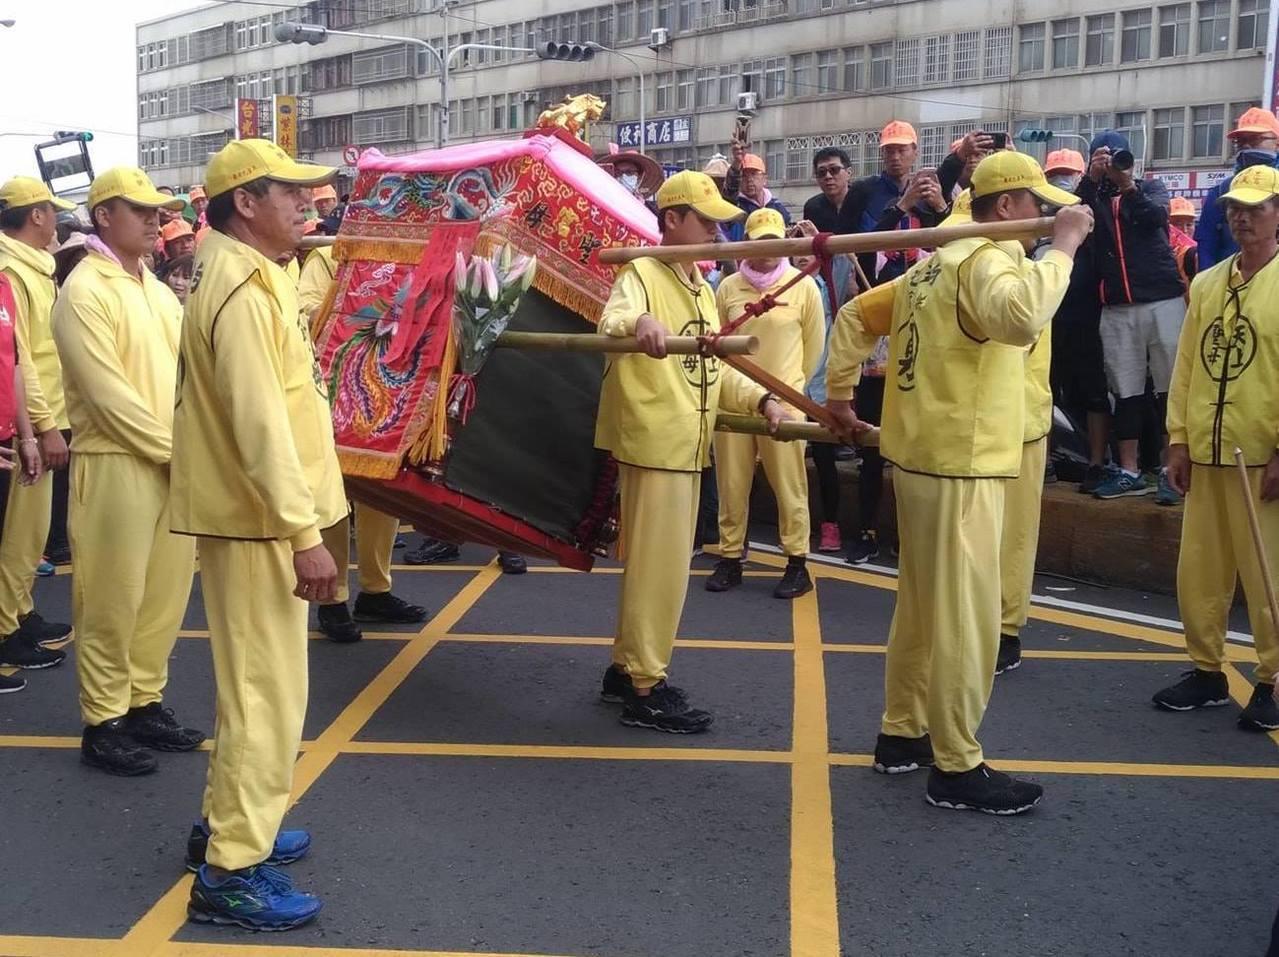 白沙屯媽祖的轎鑾在回鑾時以綠色帆布覆蓋,有其特別的意義。圖擷自photo c...